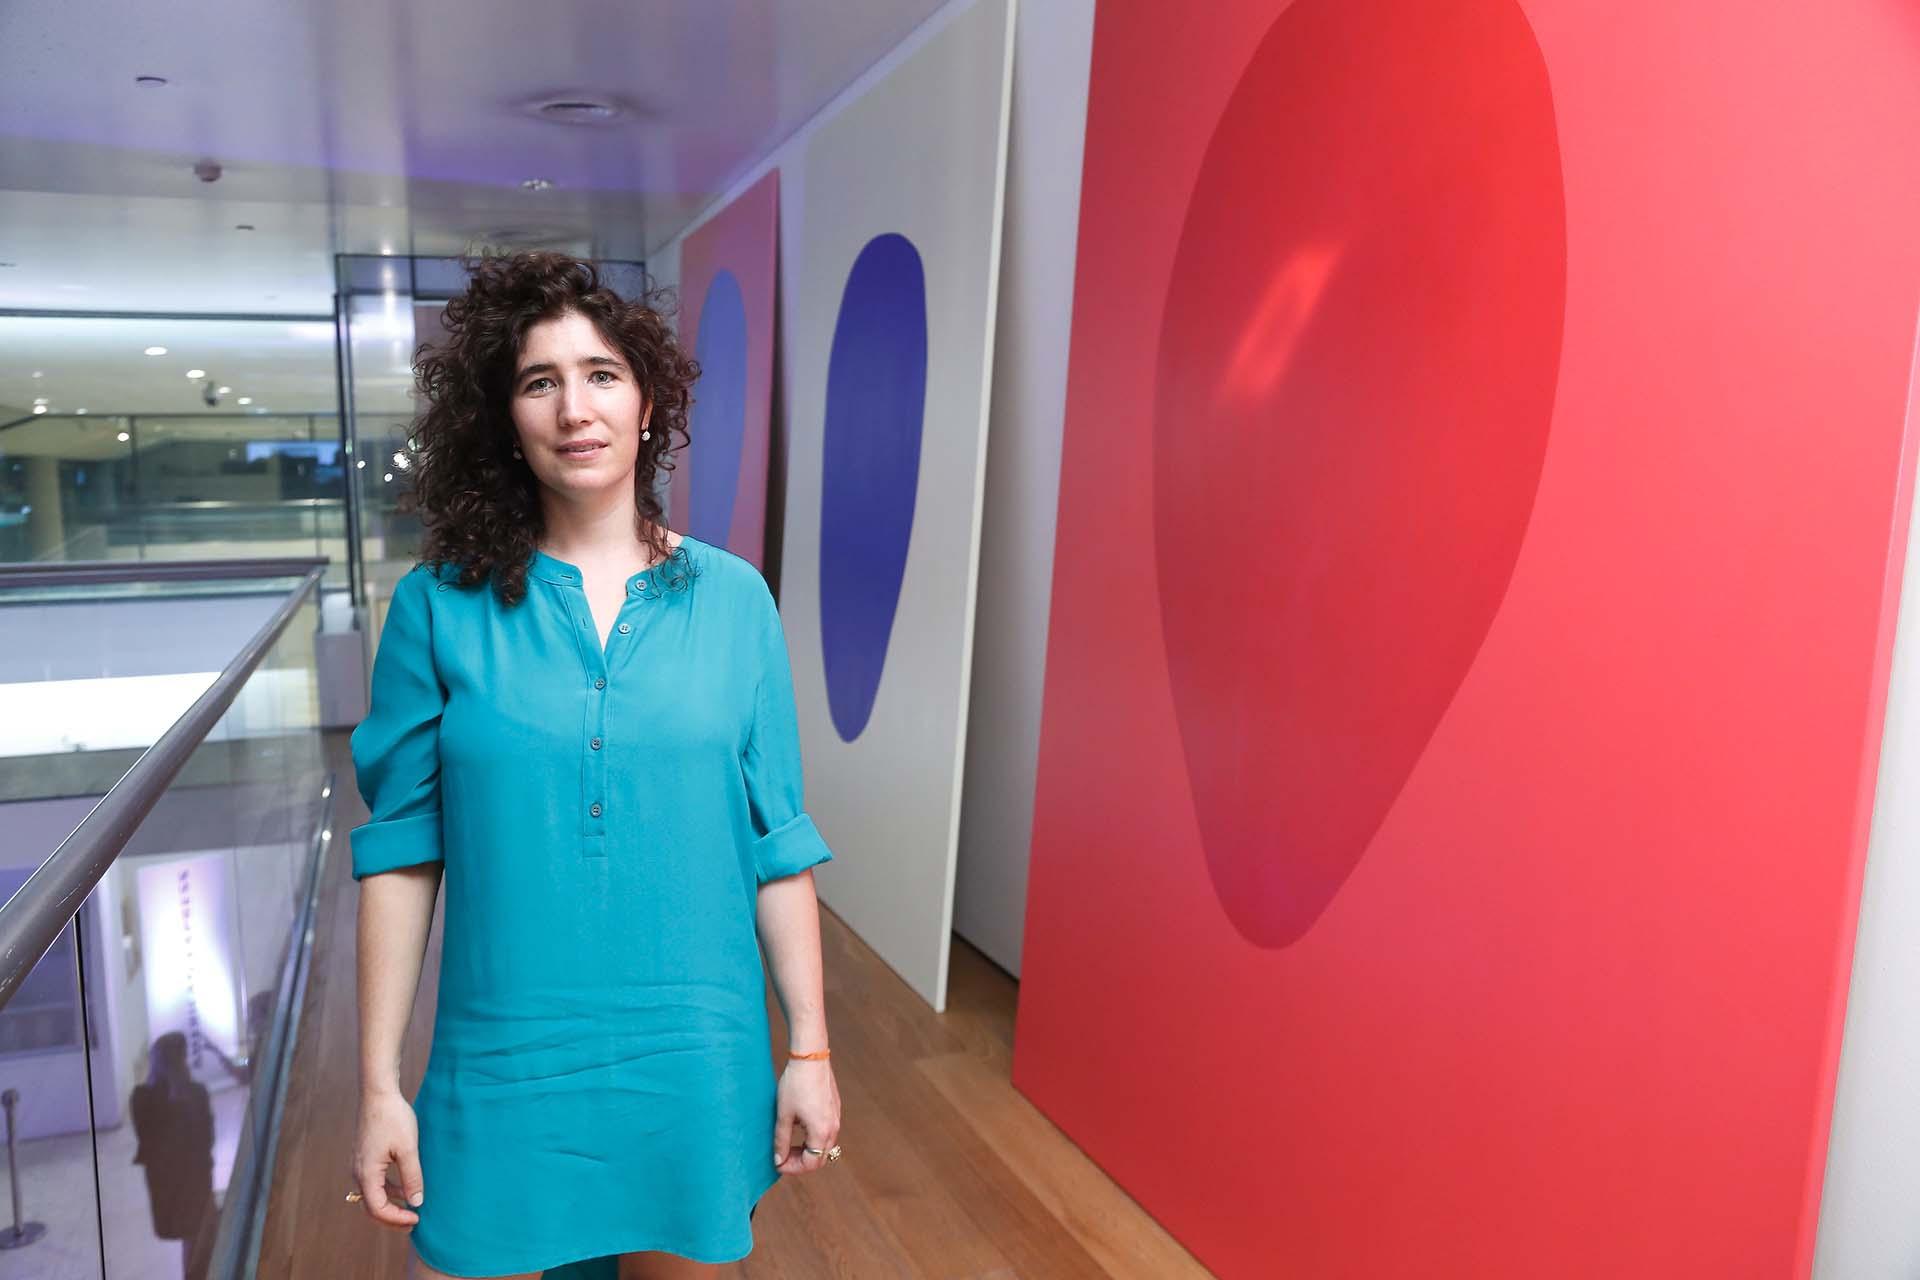 Magali Milkis frente a sus obras. Diderot.Art propone un cambio en la forma de interactuar con la producción de artistas locales, e impulsa una nueva tendencia de consumo y descubrimiento online de arte